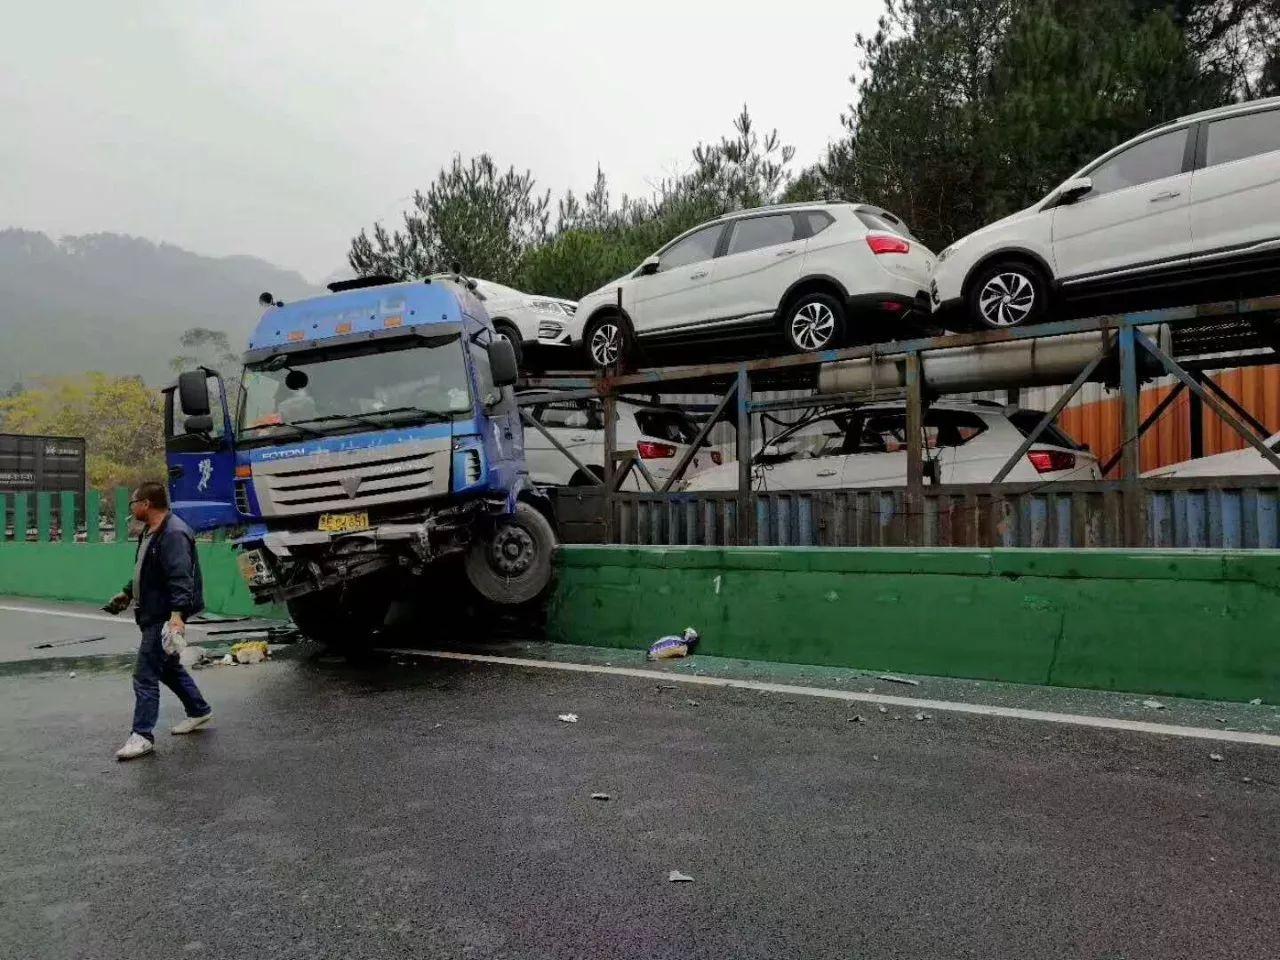 五菱小货车都要翻下来了……   柳州往桂林方向发生追尾事故   导致3名人员被困受伤   另有一起事故发生在不远处另一方向车道:g72泉南高速公路柳州往桂林方向1180公里+900米处发生追尾事故.